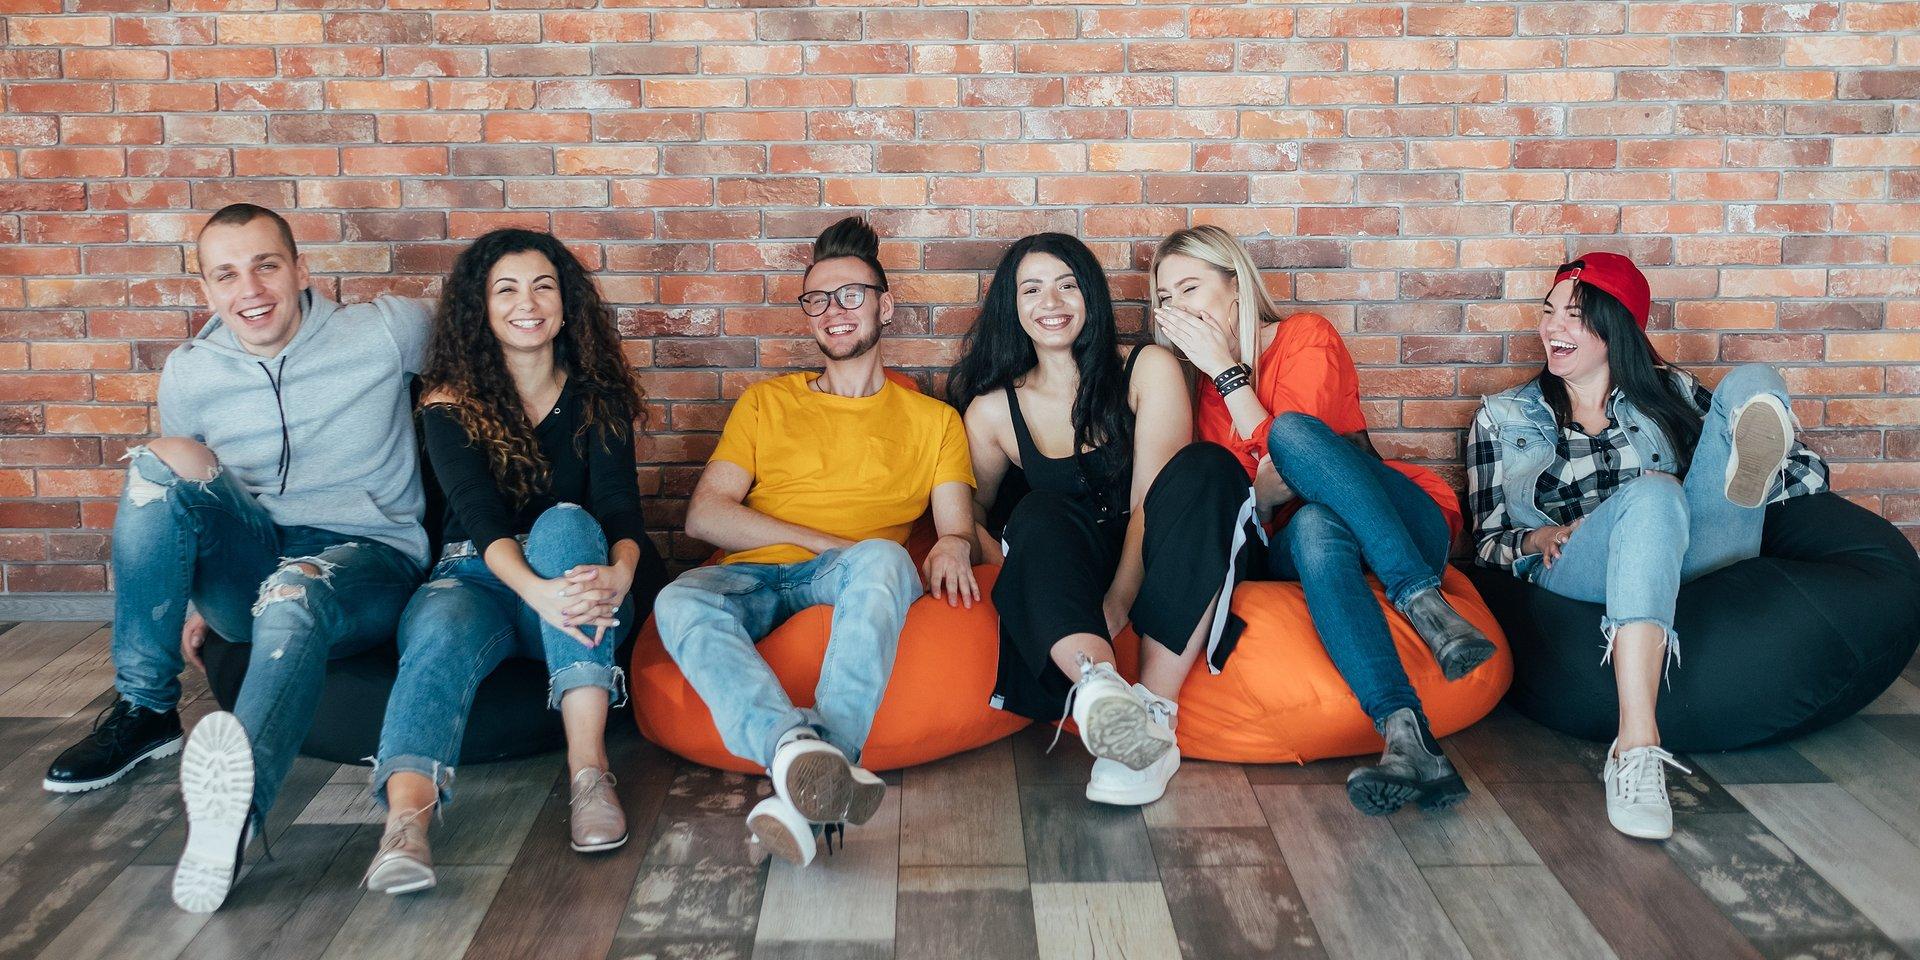 Na rynku pracy zmianą kierują młodzi